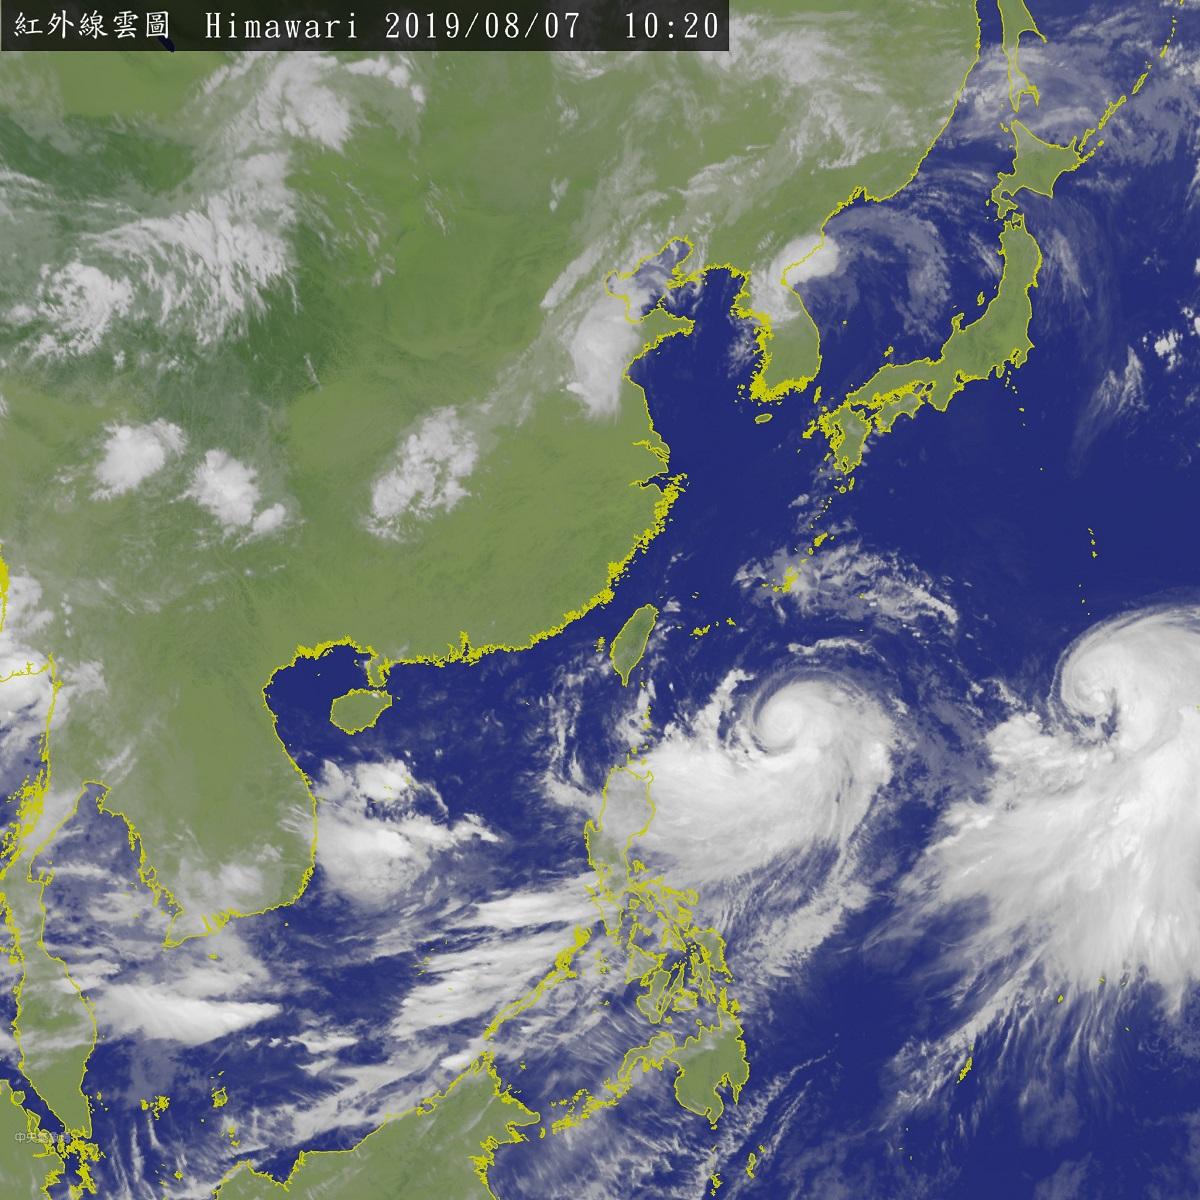 週四颱風假放定了?吳德榮這麼說